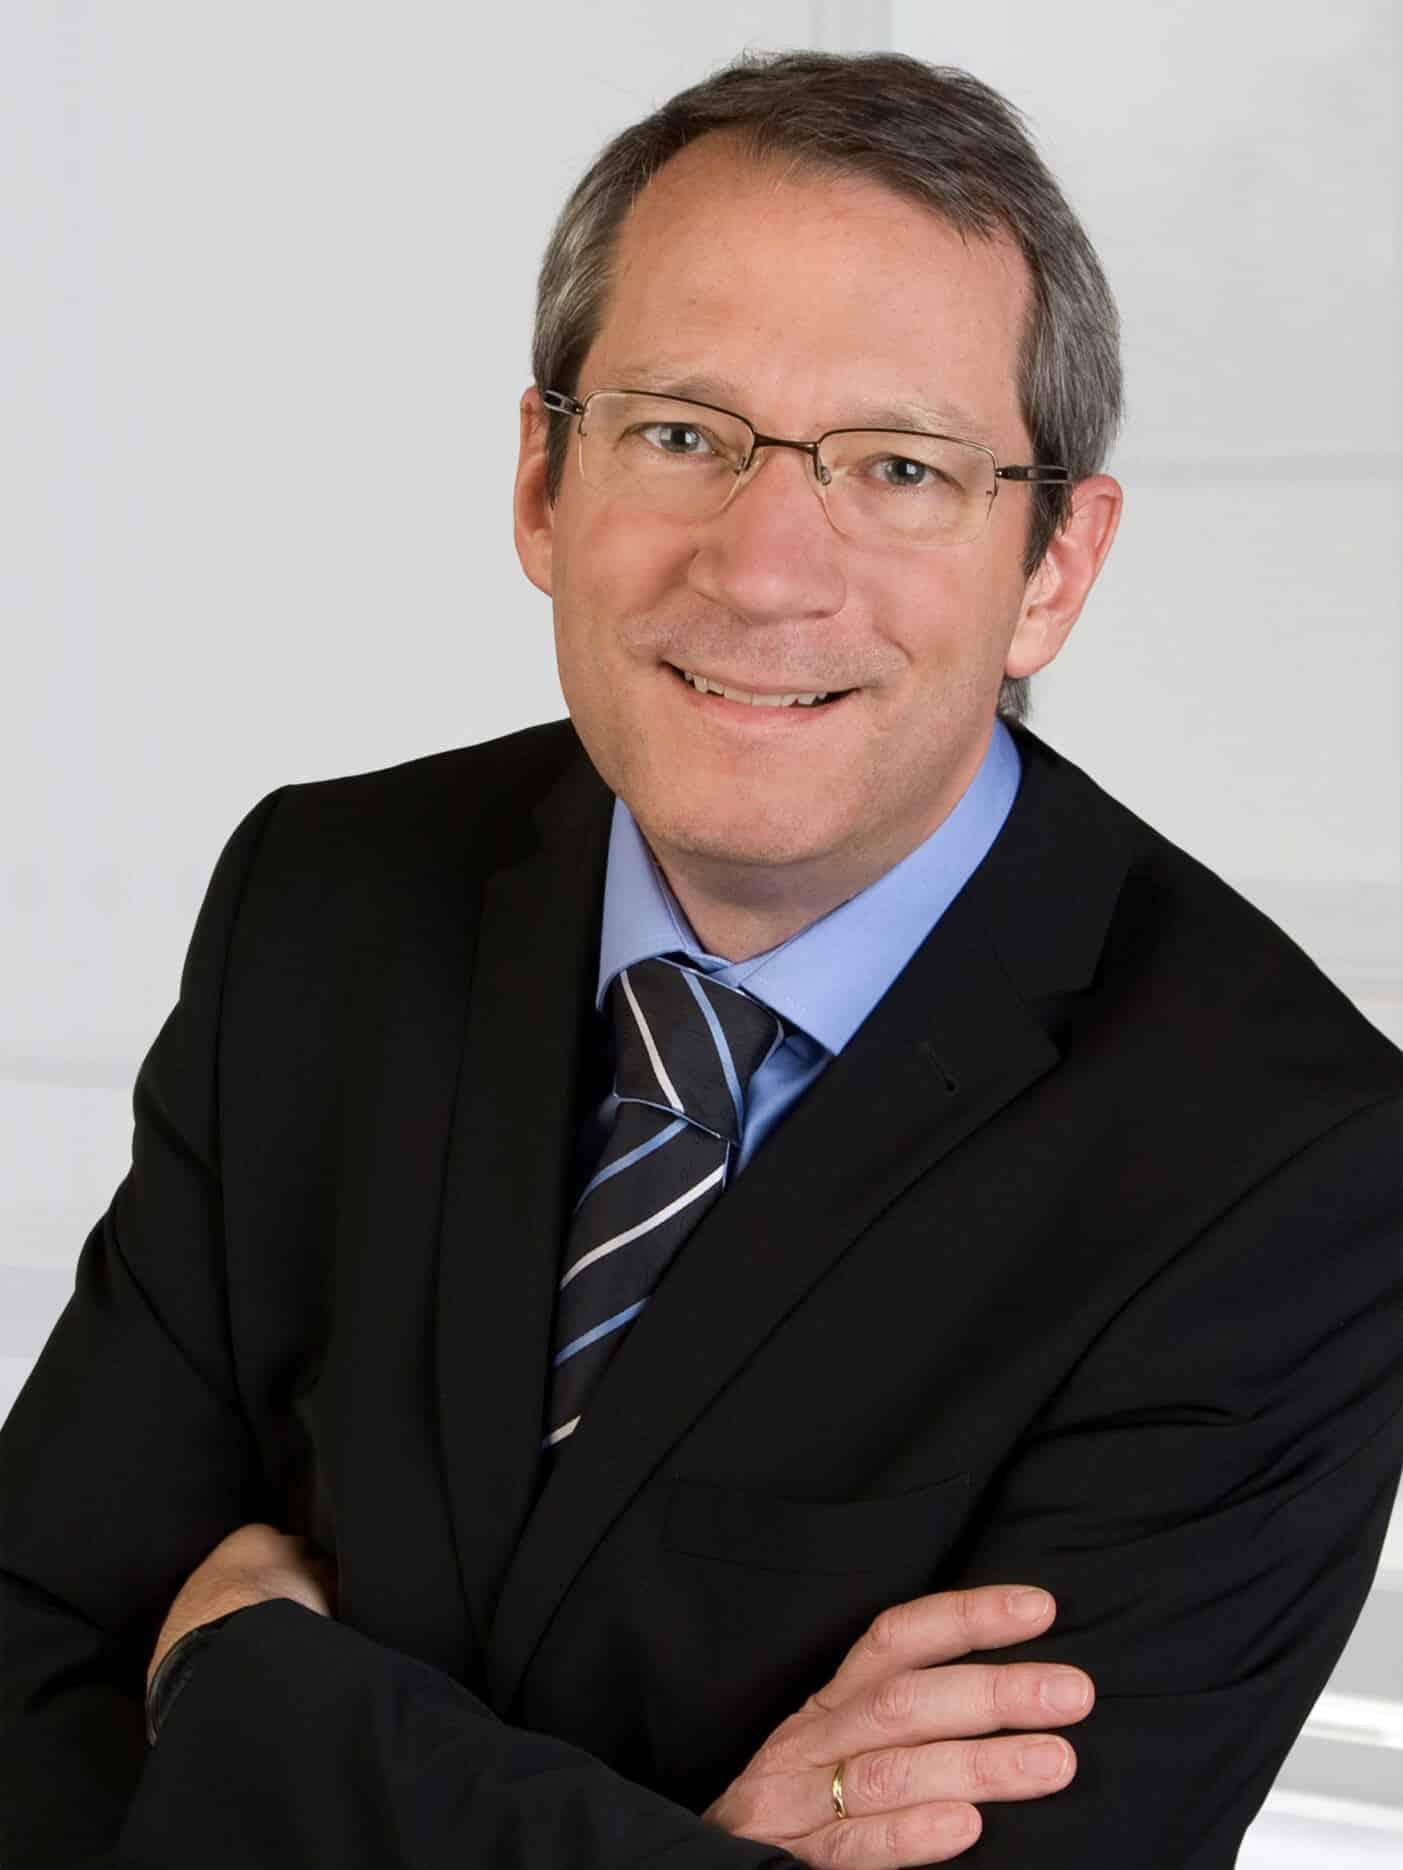 Martin Köster von Kewesta über die Vorteile und den Nutzen von 3D-Simulation hängender Fördertechnik